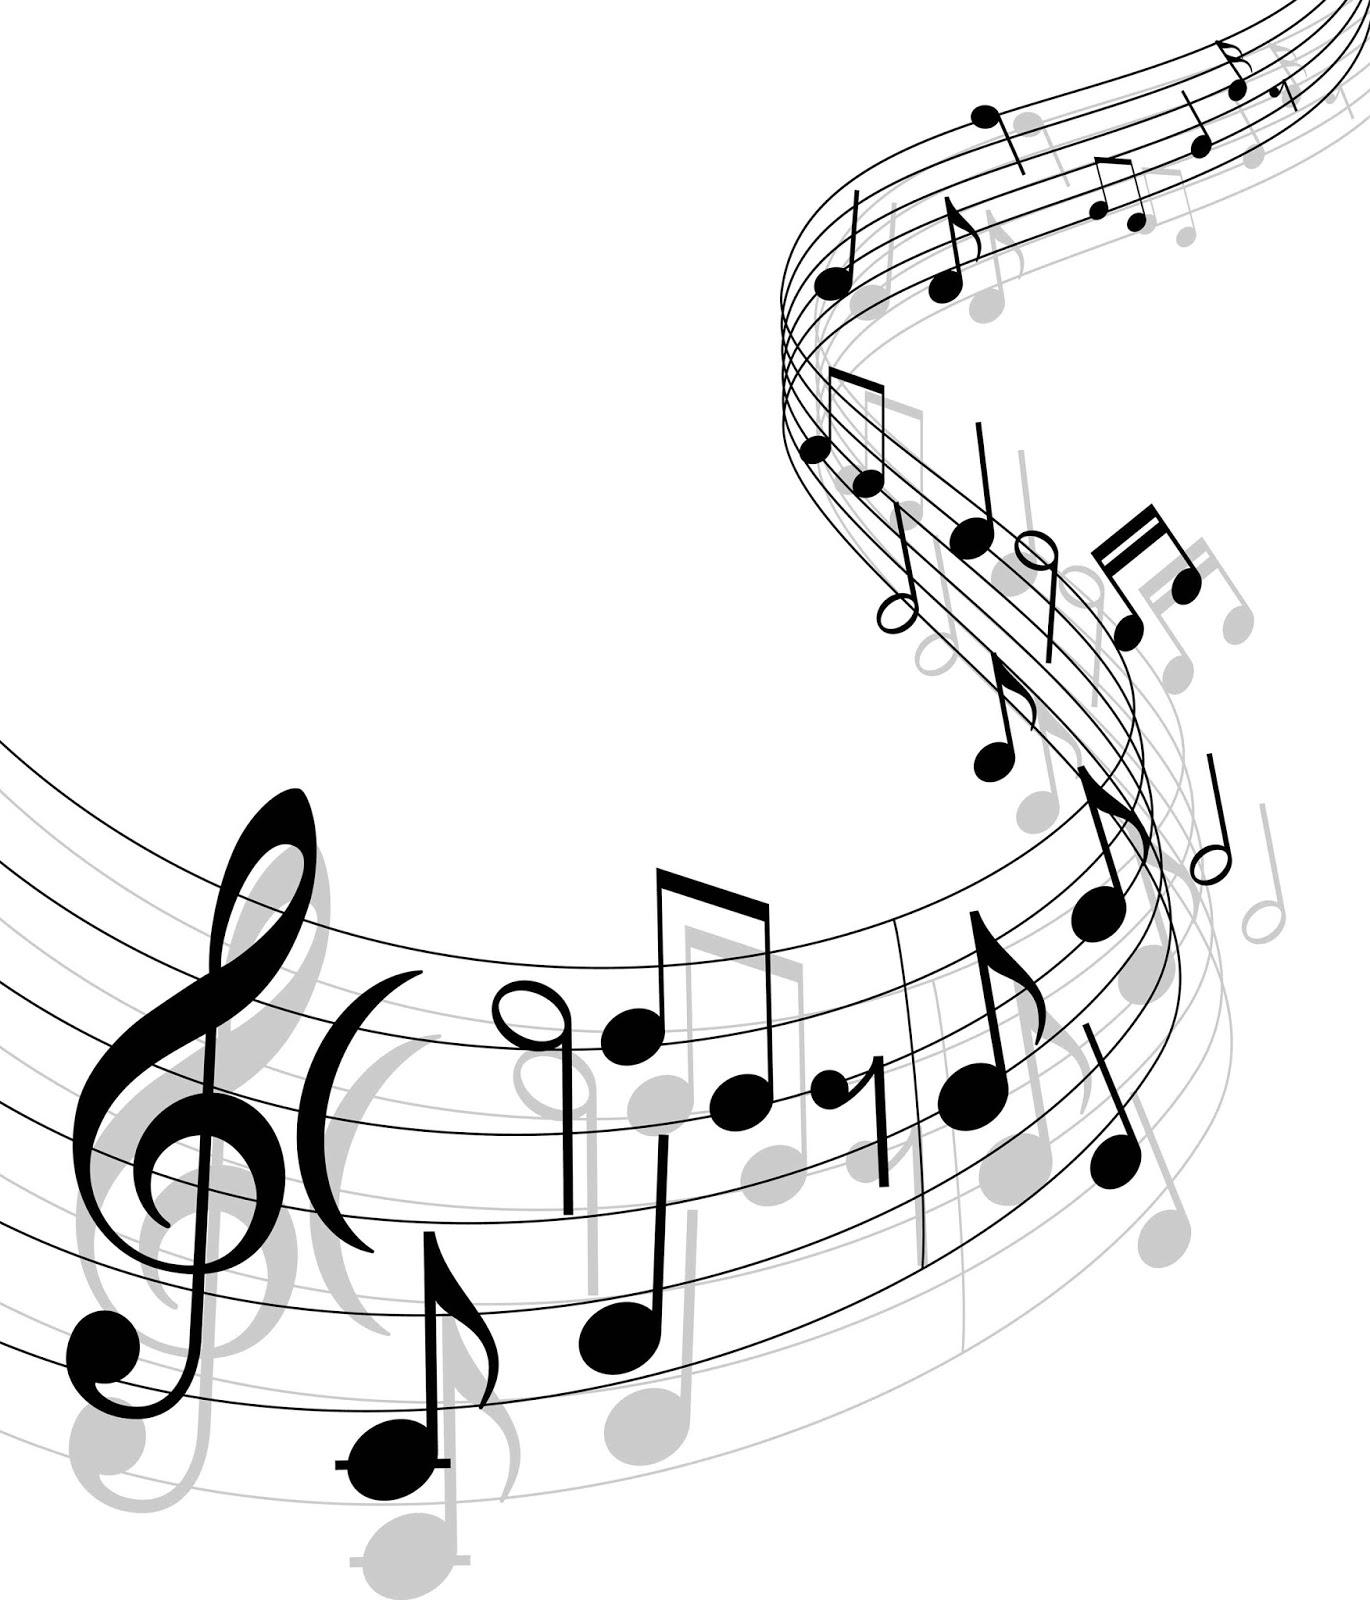 Carpe diem haiku kai carpe diem honors jane reichhold 1937 2017 carpe diem honors jane reichhold 1937 2017 b musical chord tanka hexwebz Image collections